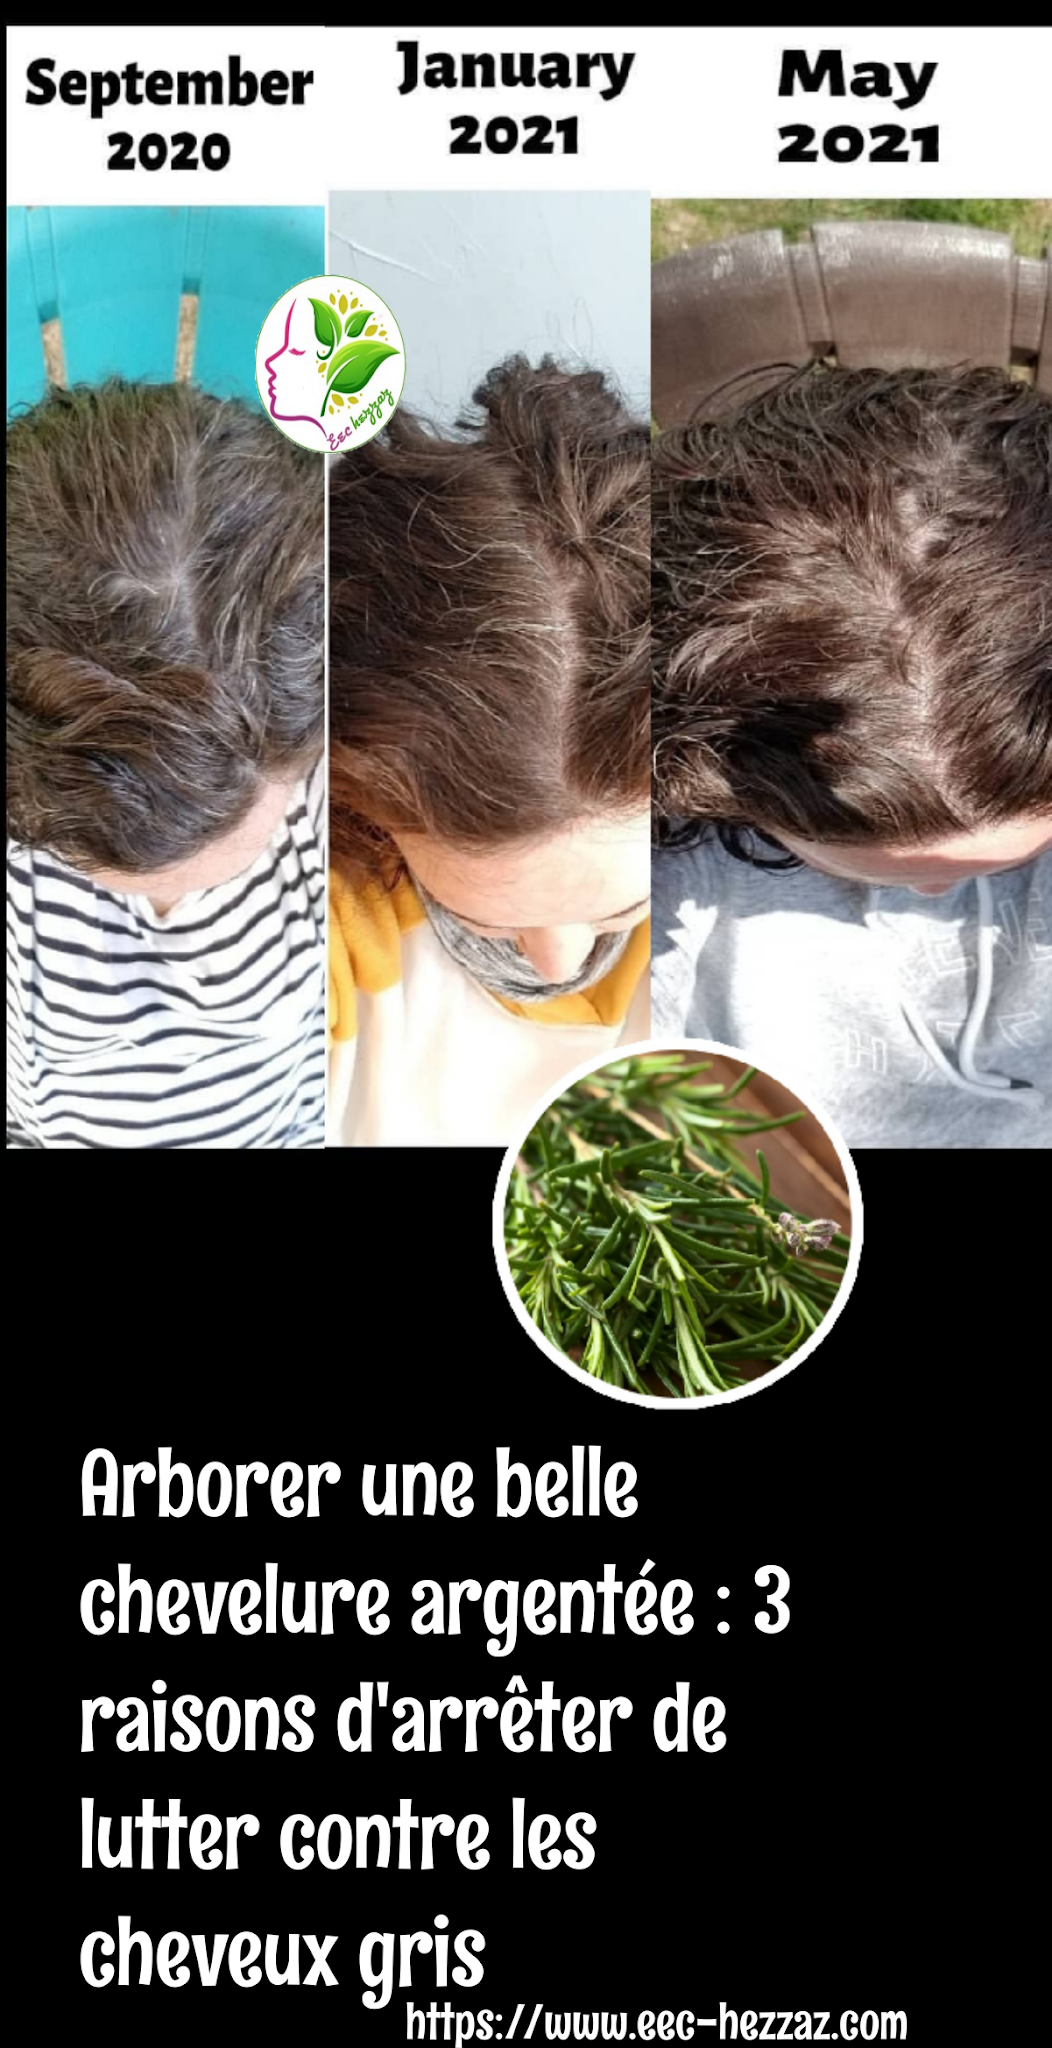 Arborer une belle chevelure argentée : 3 raisons d'arrêter de lutter contre les cheveux gris